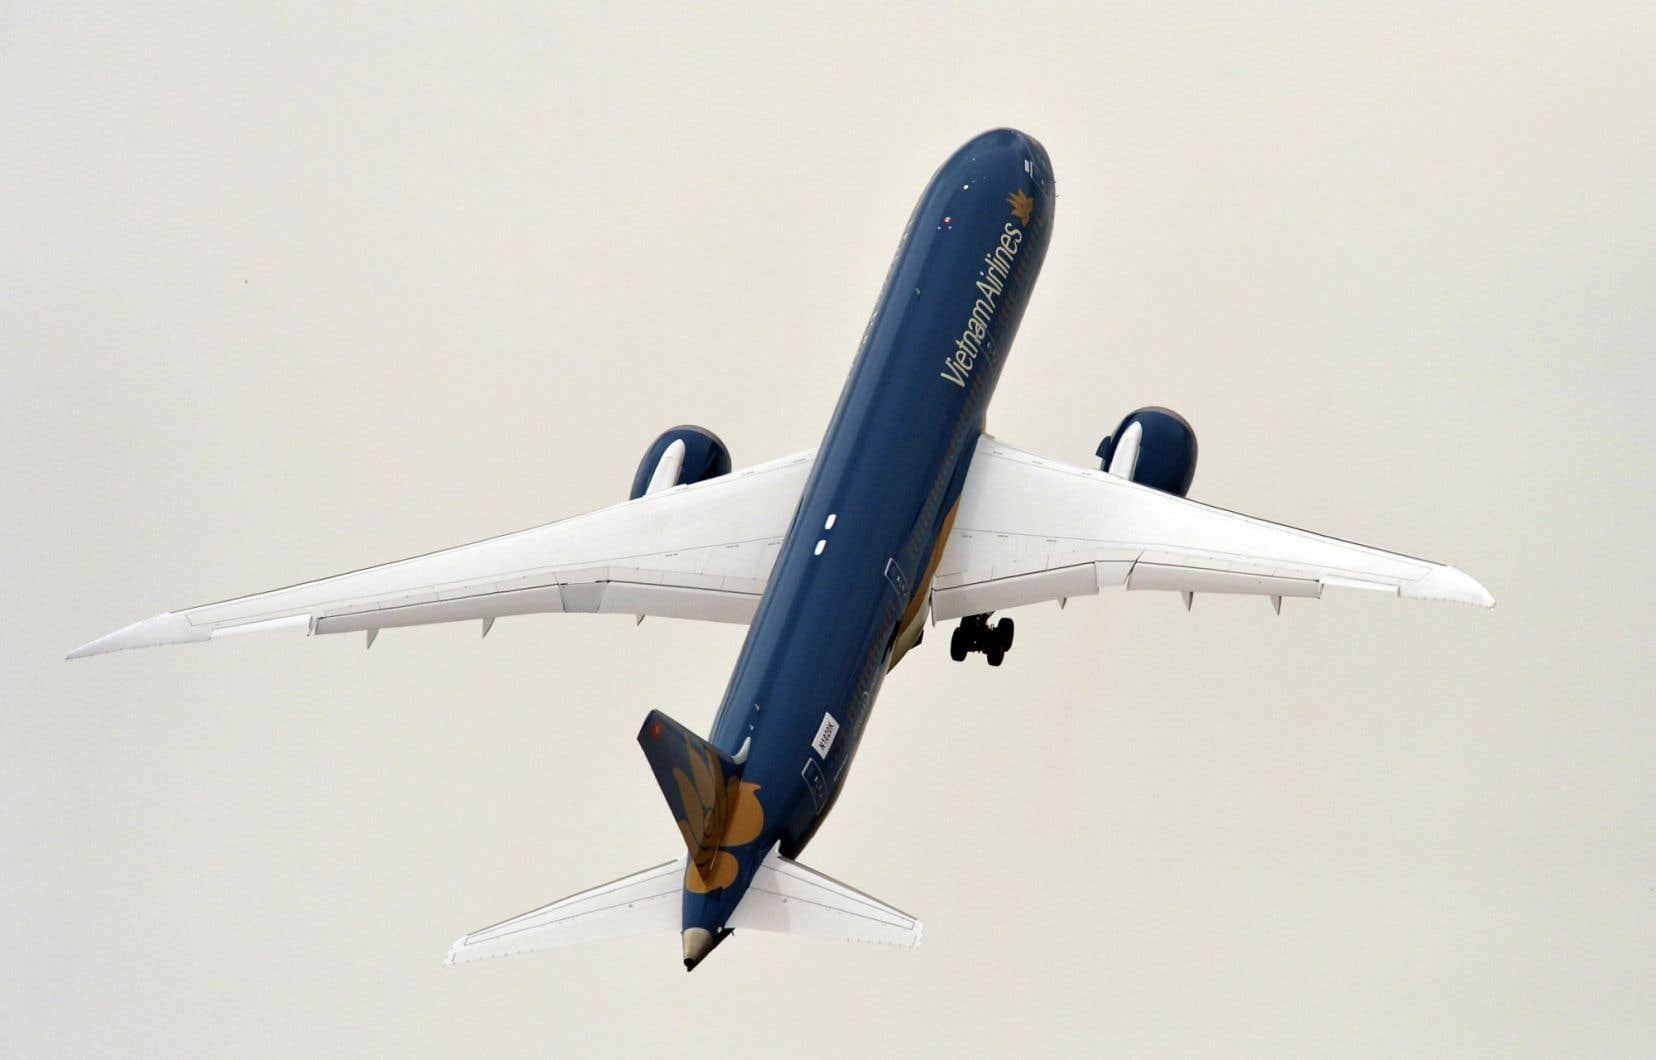 Le Dreamliner de Boeing a causé une forte impression en effectuant un décollage presque à la verticale.